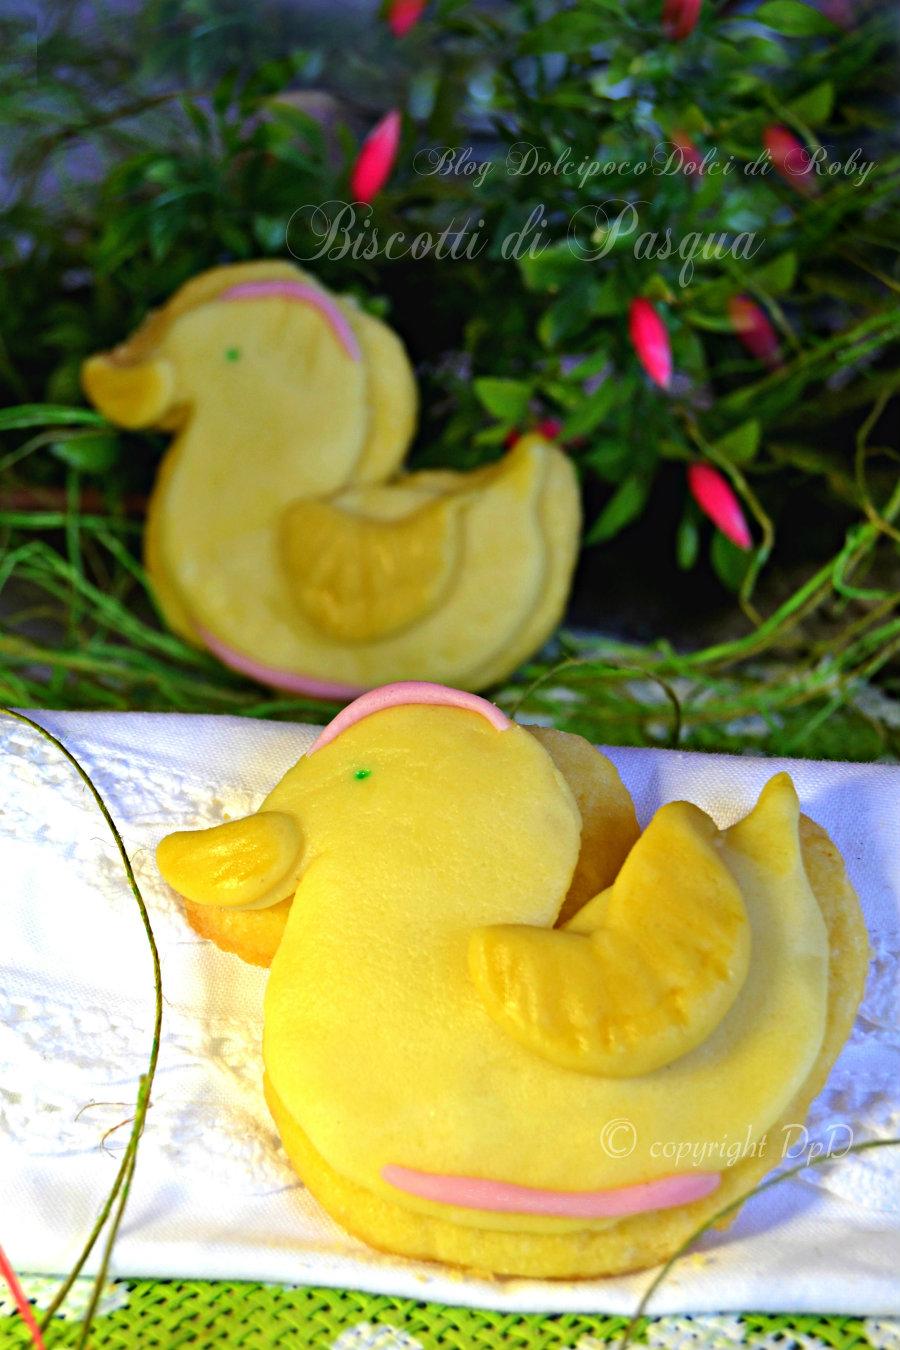 Biscotti di pasqua decorati - Uova di pasqua decorati ...